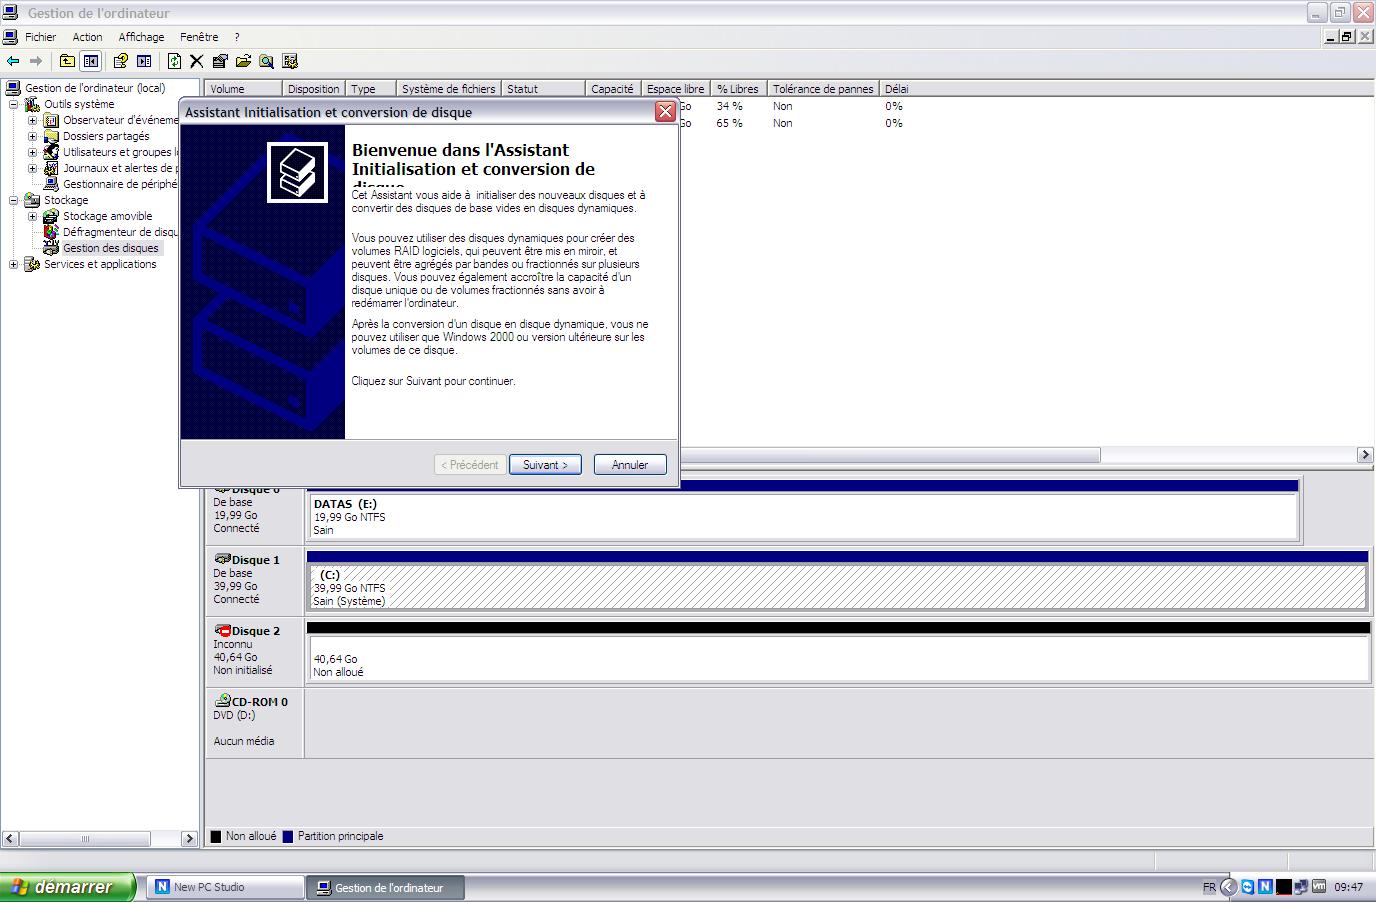 Initiateur iSCSI XP7 - [MAJ] - Installer 2 serveurs de données (SAN) répliqués avec OpenMediaVault et DRBD